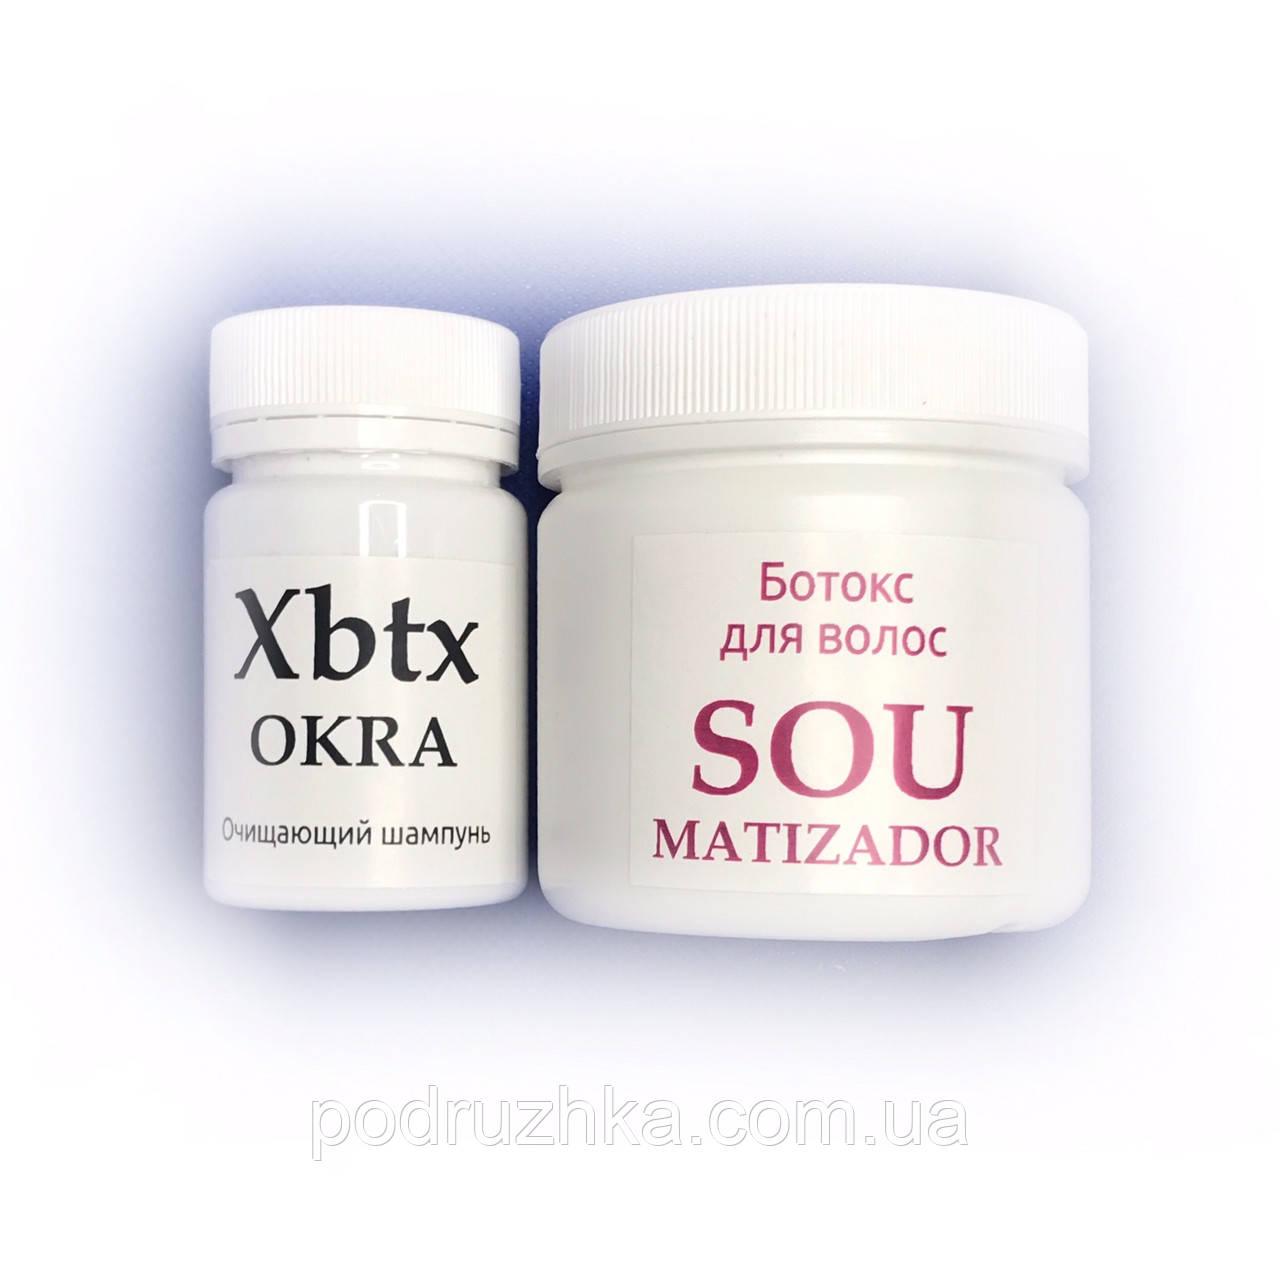 Набор ботокс для волос XBTX SOU Loira Lisa Matizador 100/200 г